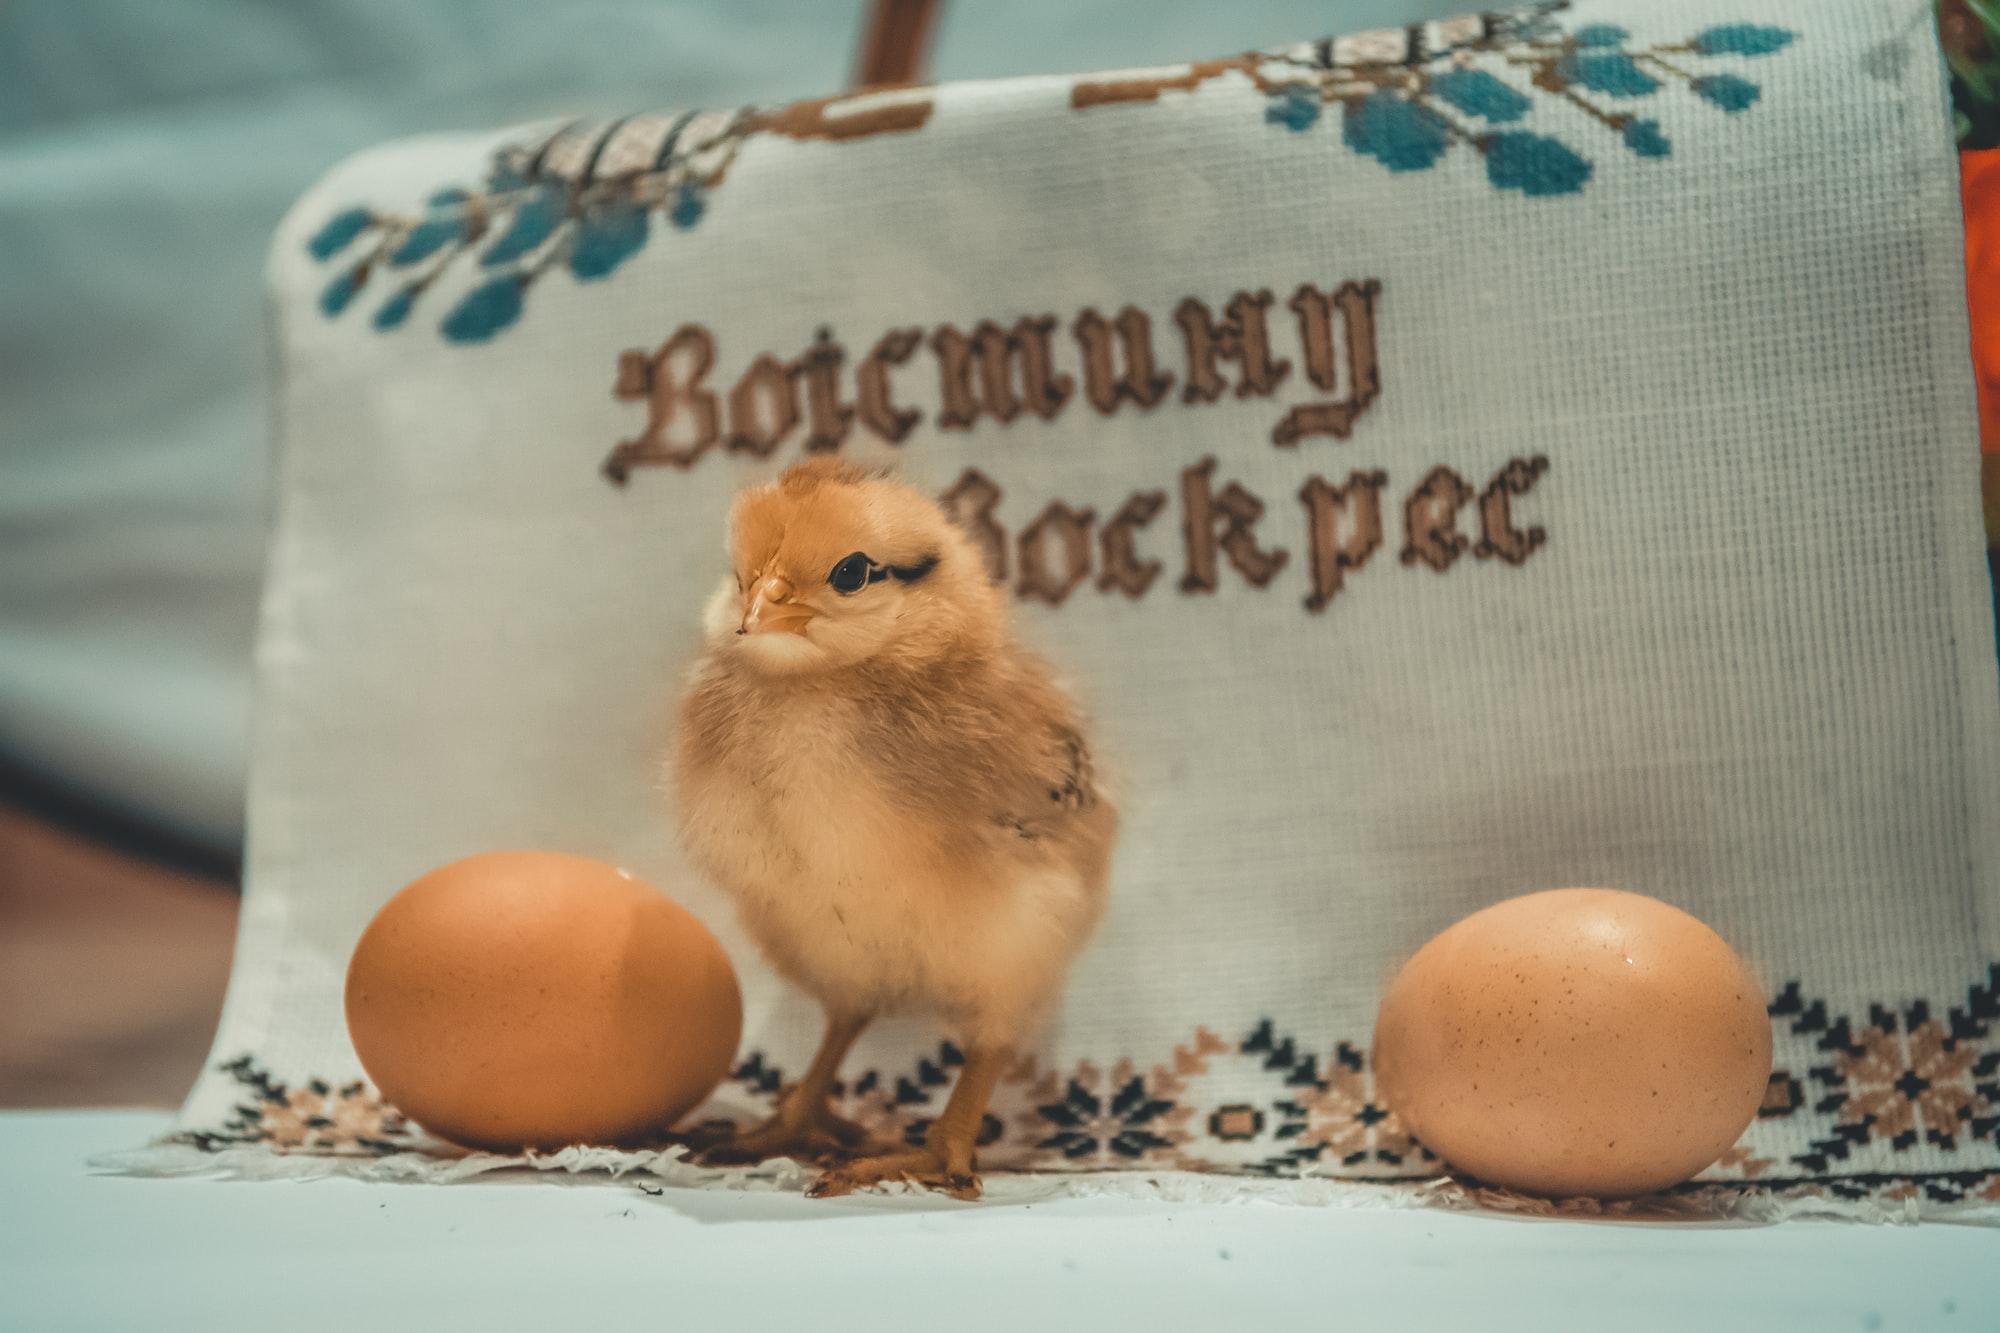 Con dos huevos,  ¿estamos bien?